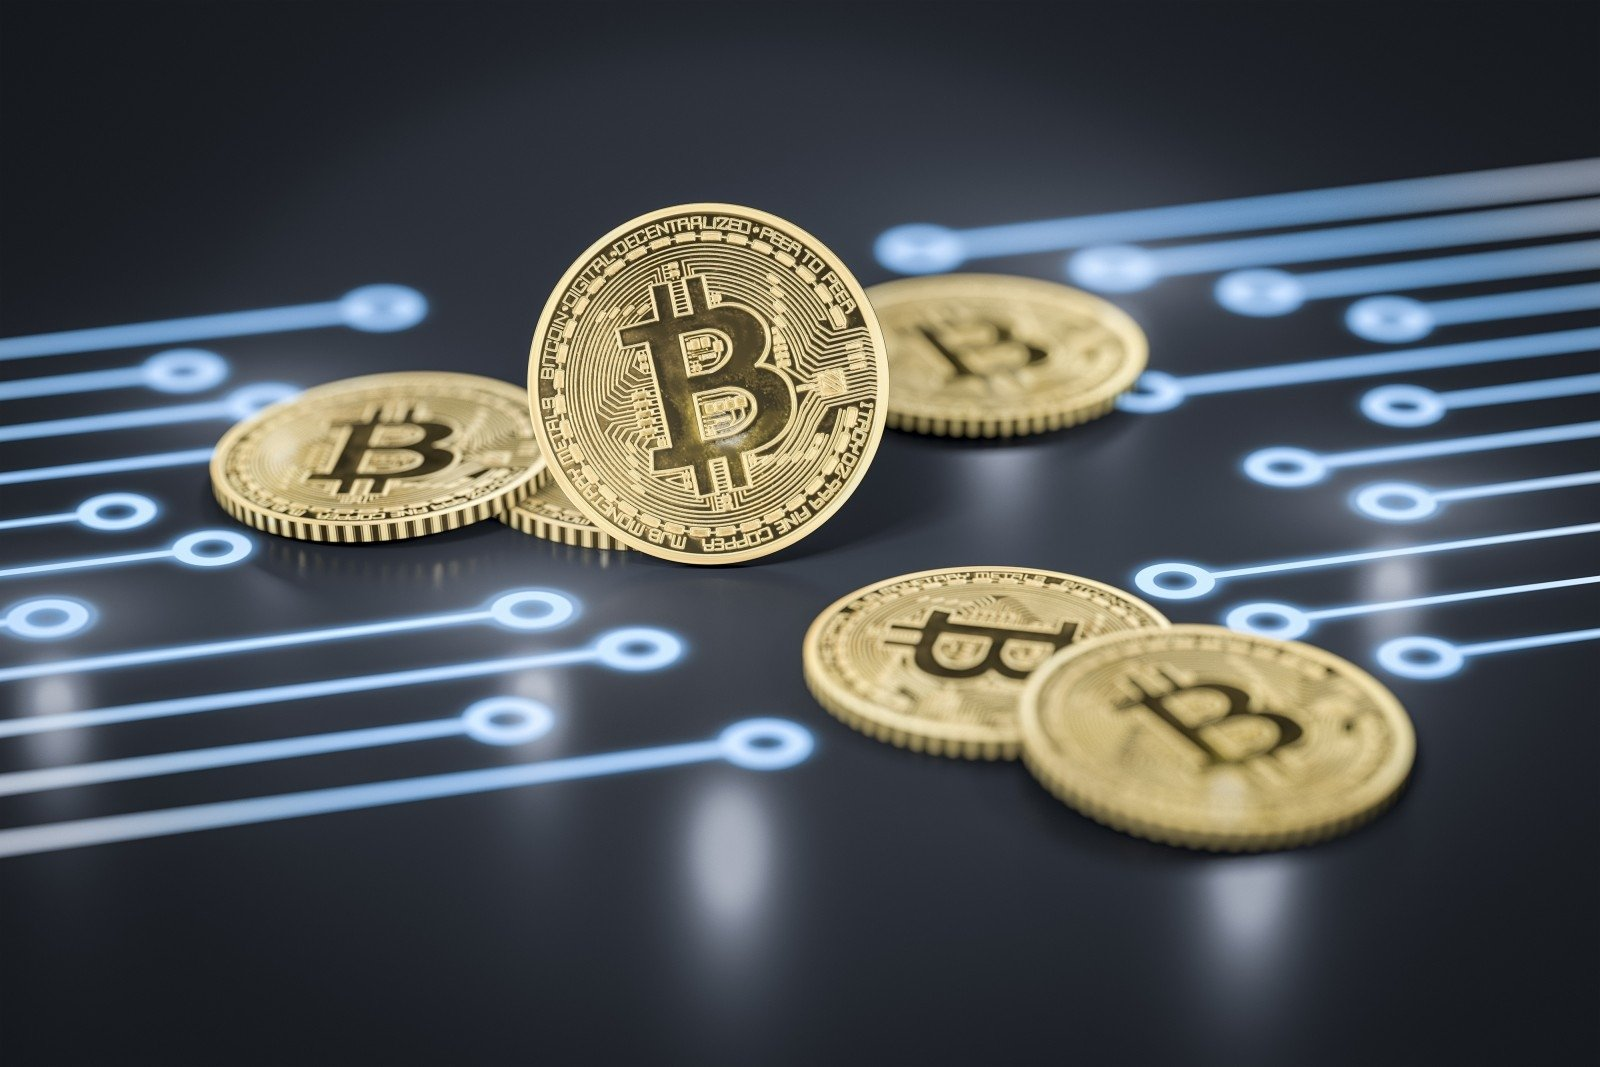 fx valiutos prekybos indlis bitkoinas